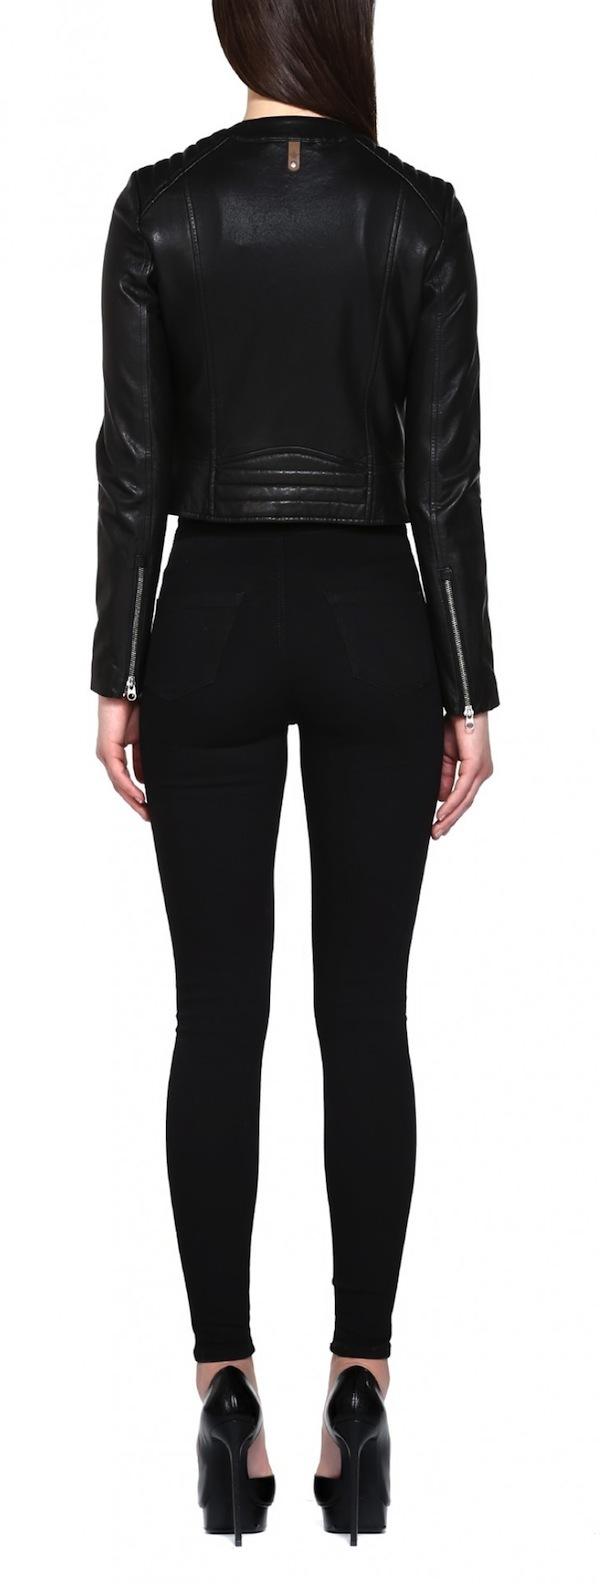 Mackage Misha Cropped Leather Jacket